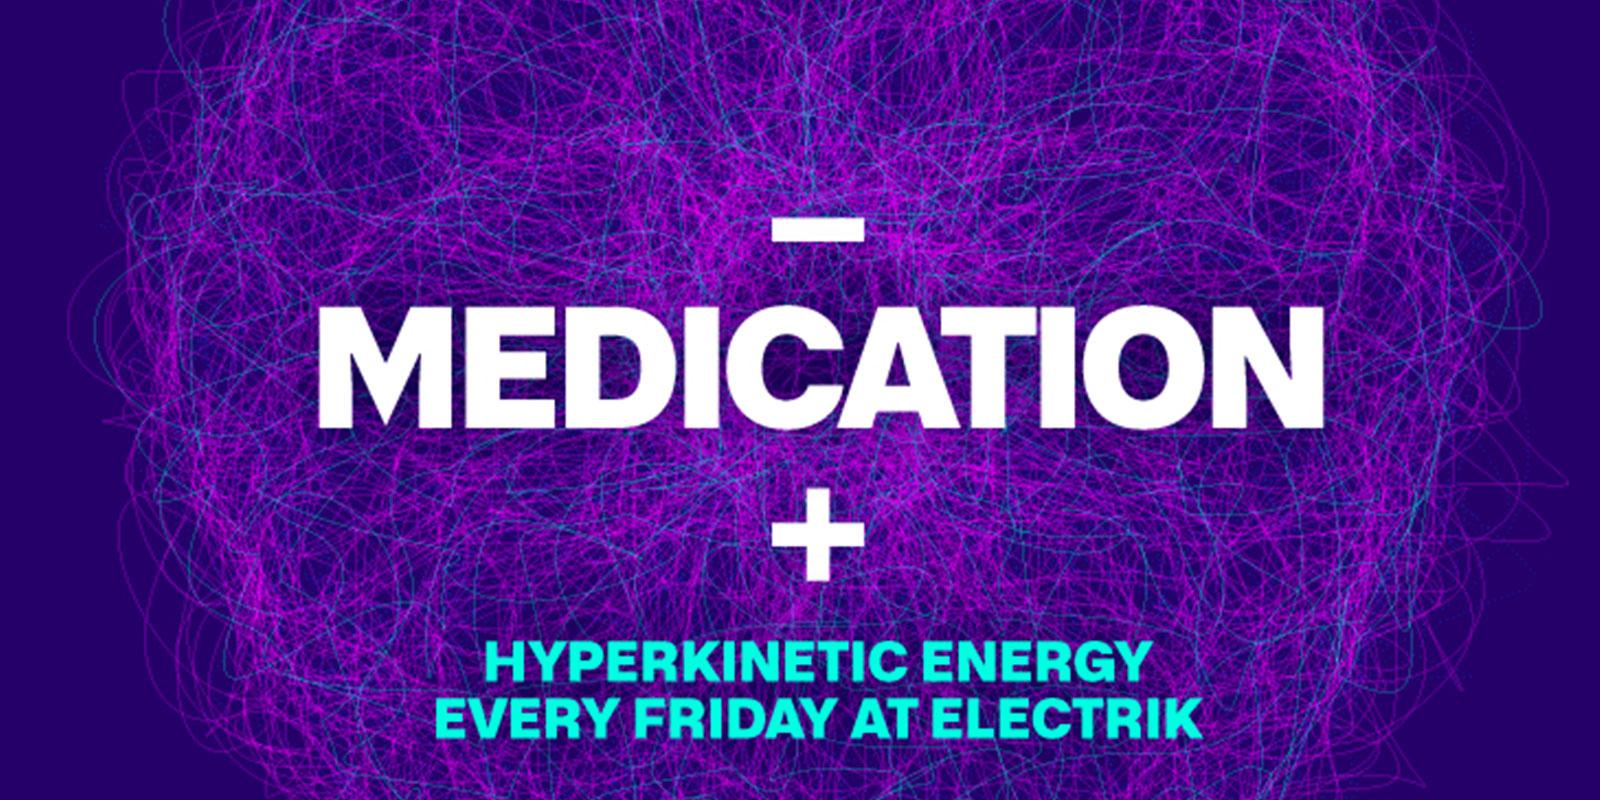 MEDICATION 22.03.19